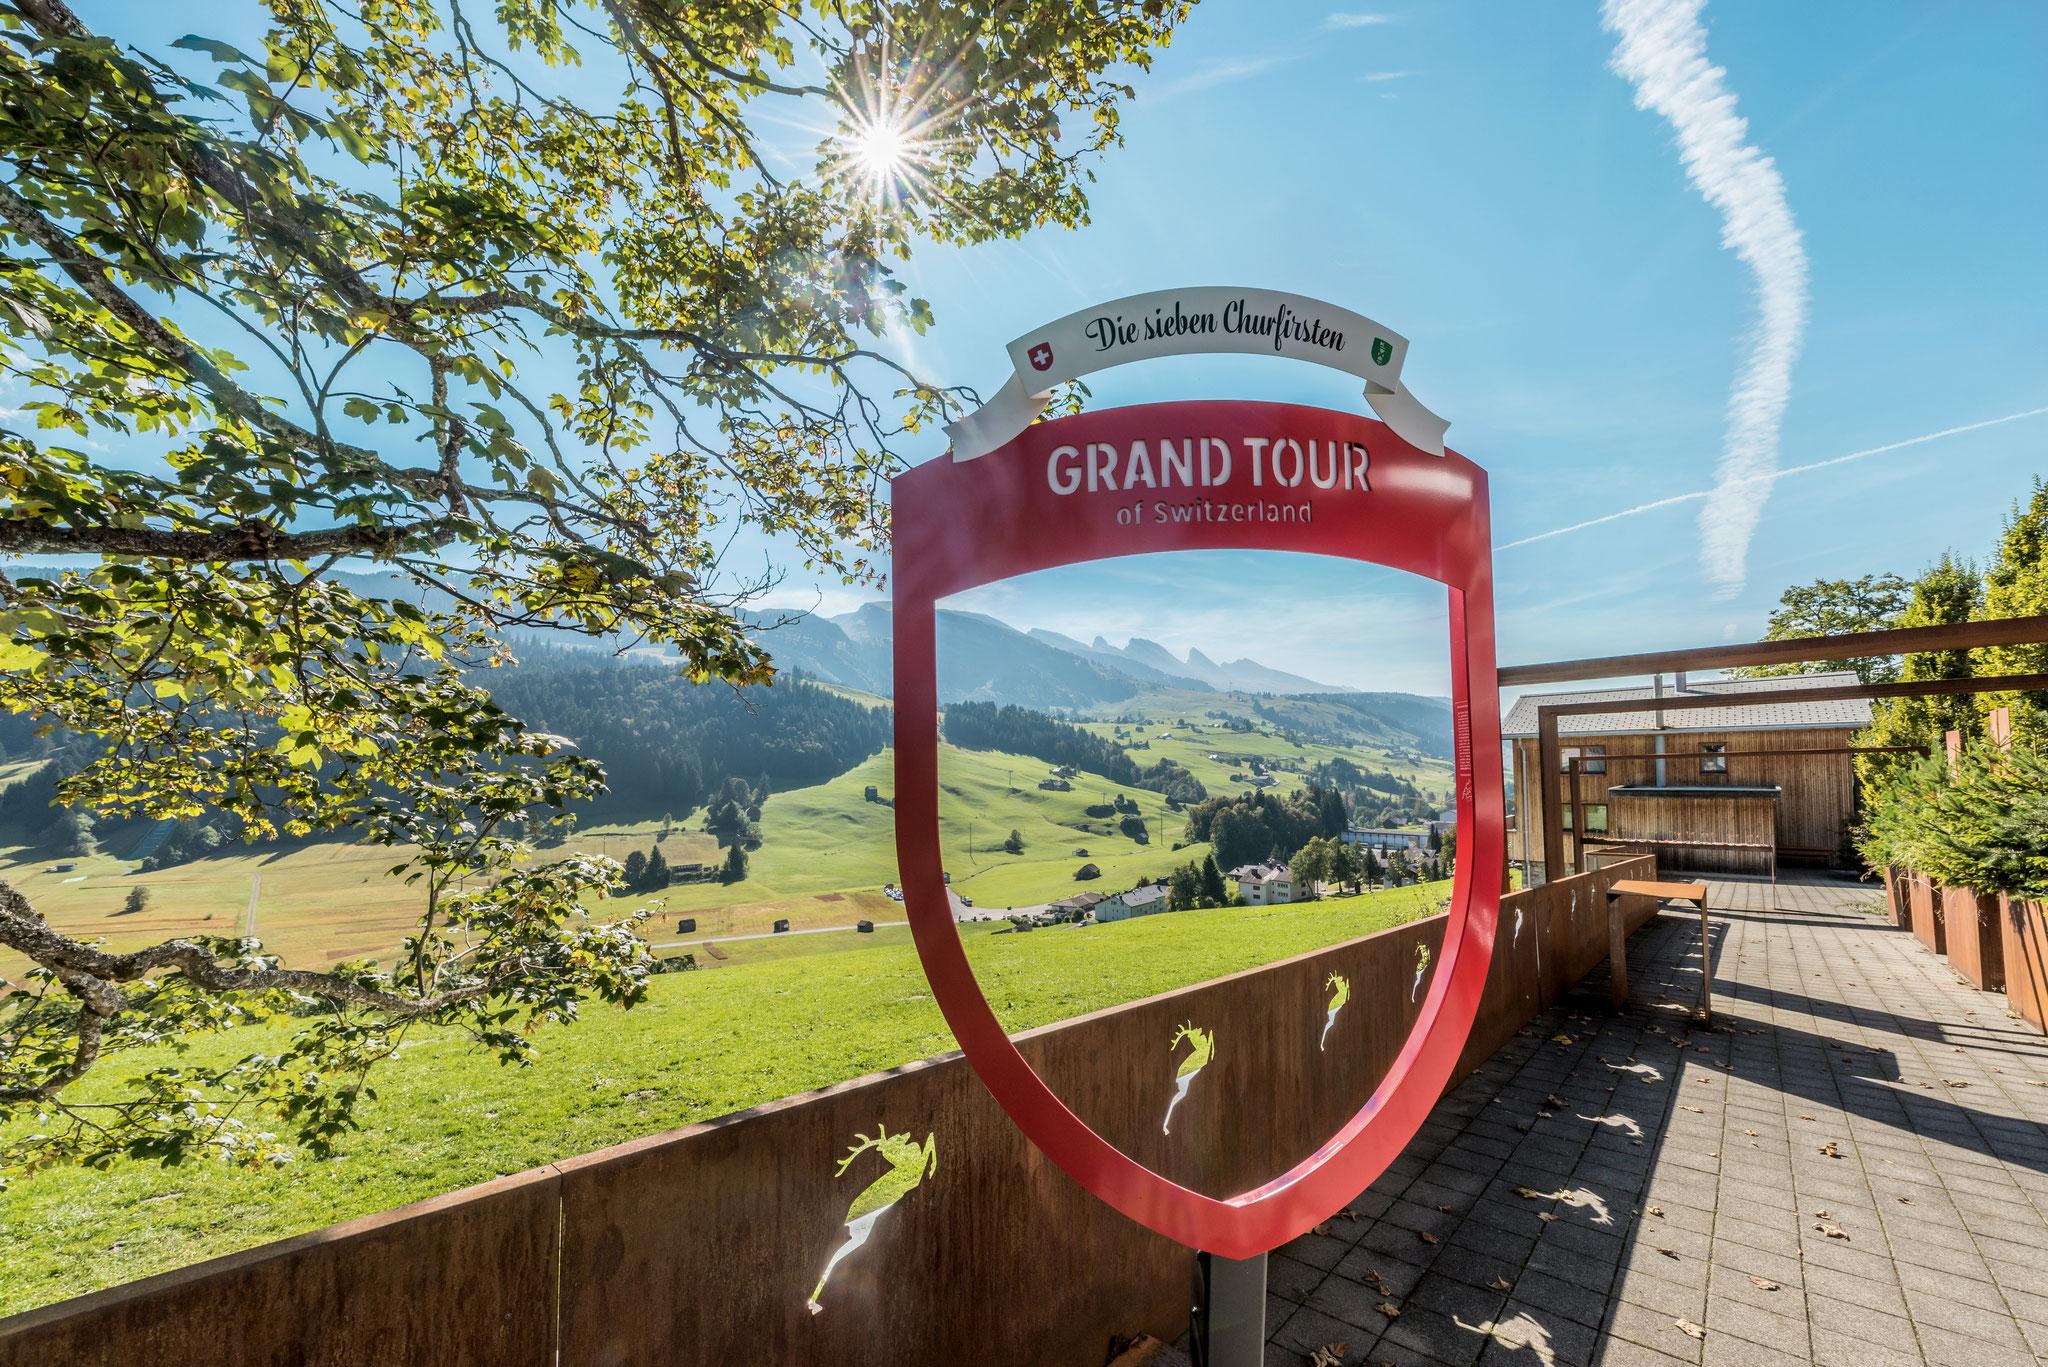 Ins Auto setzen und losfahren - auch die Schweiz bietet wunderschöne Flecken